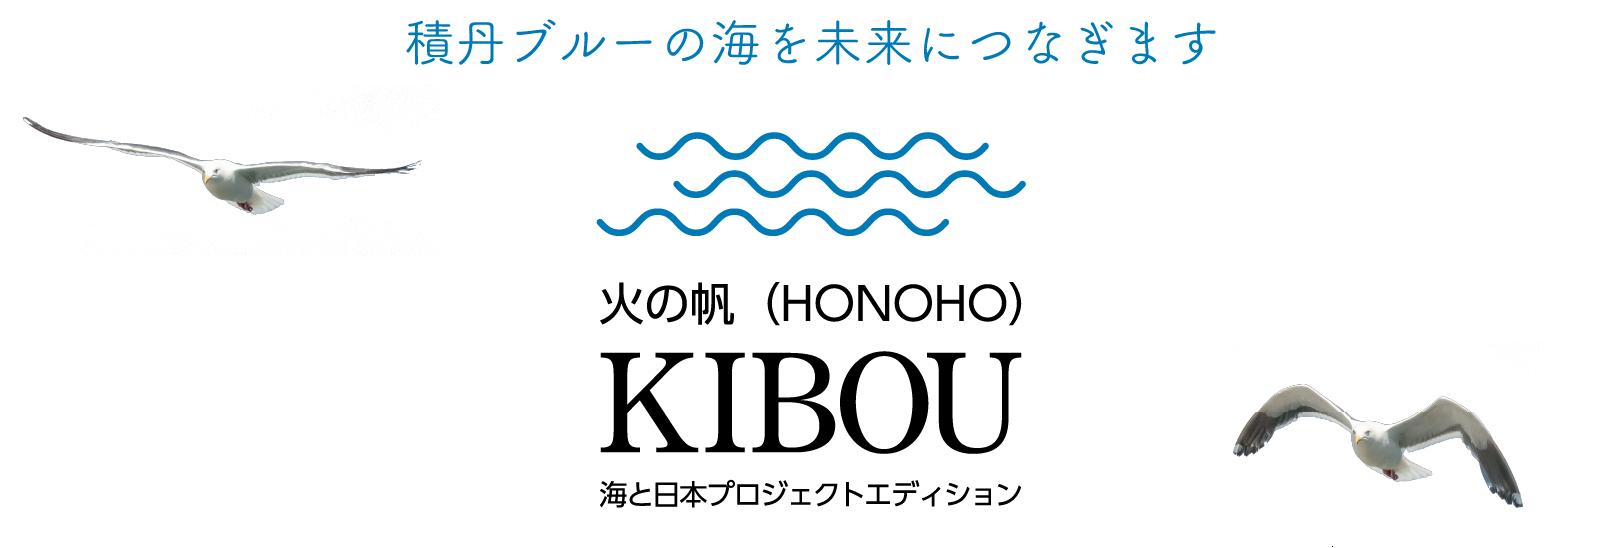 火の帆(HONOHO)KIBOU - 海と日本プロジェクトエディション